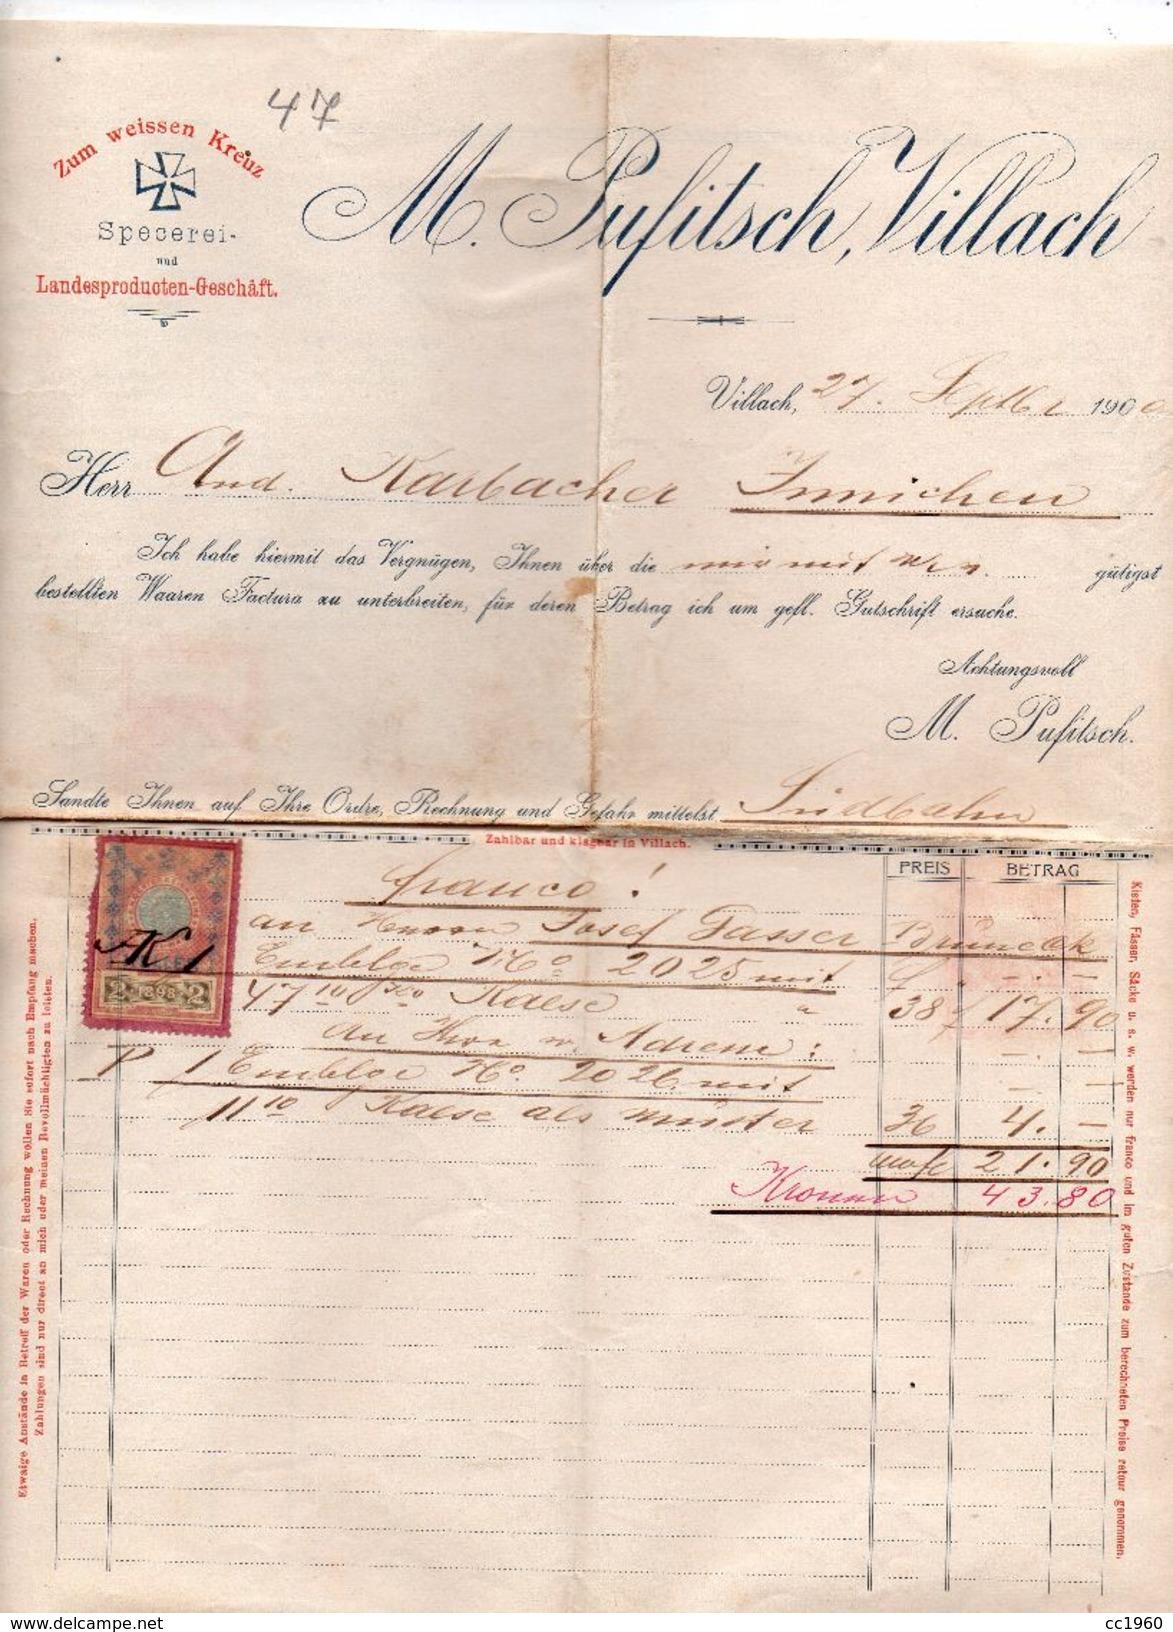 """Austria - Villach - Fattura Della Ditta """" M. Pufitsch """"  Del  27 Settembre 1900 Con Ricevuta D'Impostazione - (FDC4996) - Austria"""